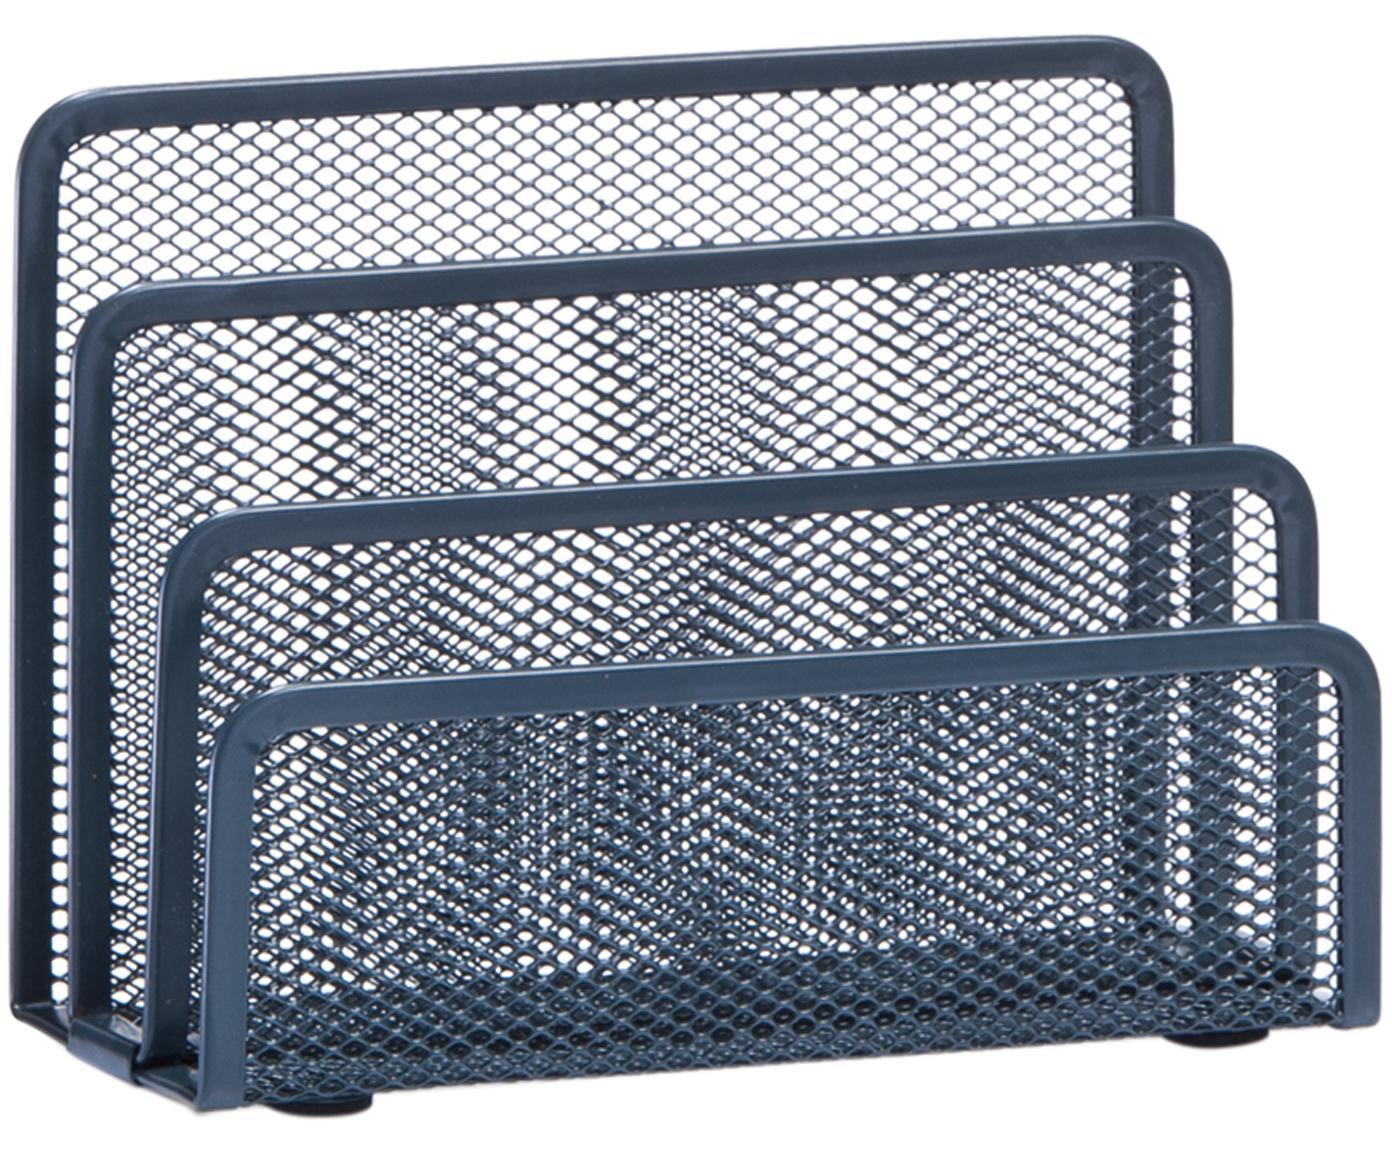 Briefbox Hica, Metall, pulverbeschichtet, Anthrazit, 17 x 14 cm